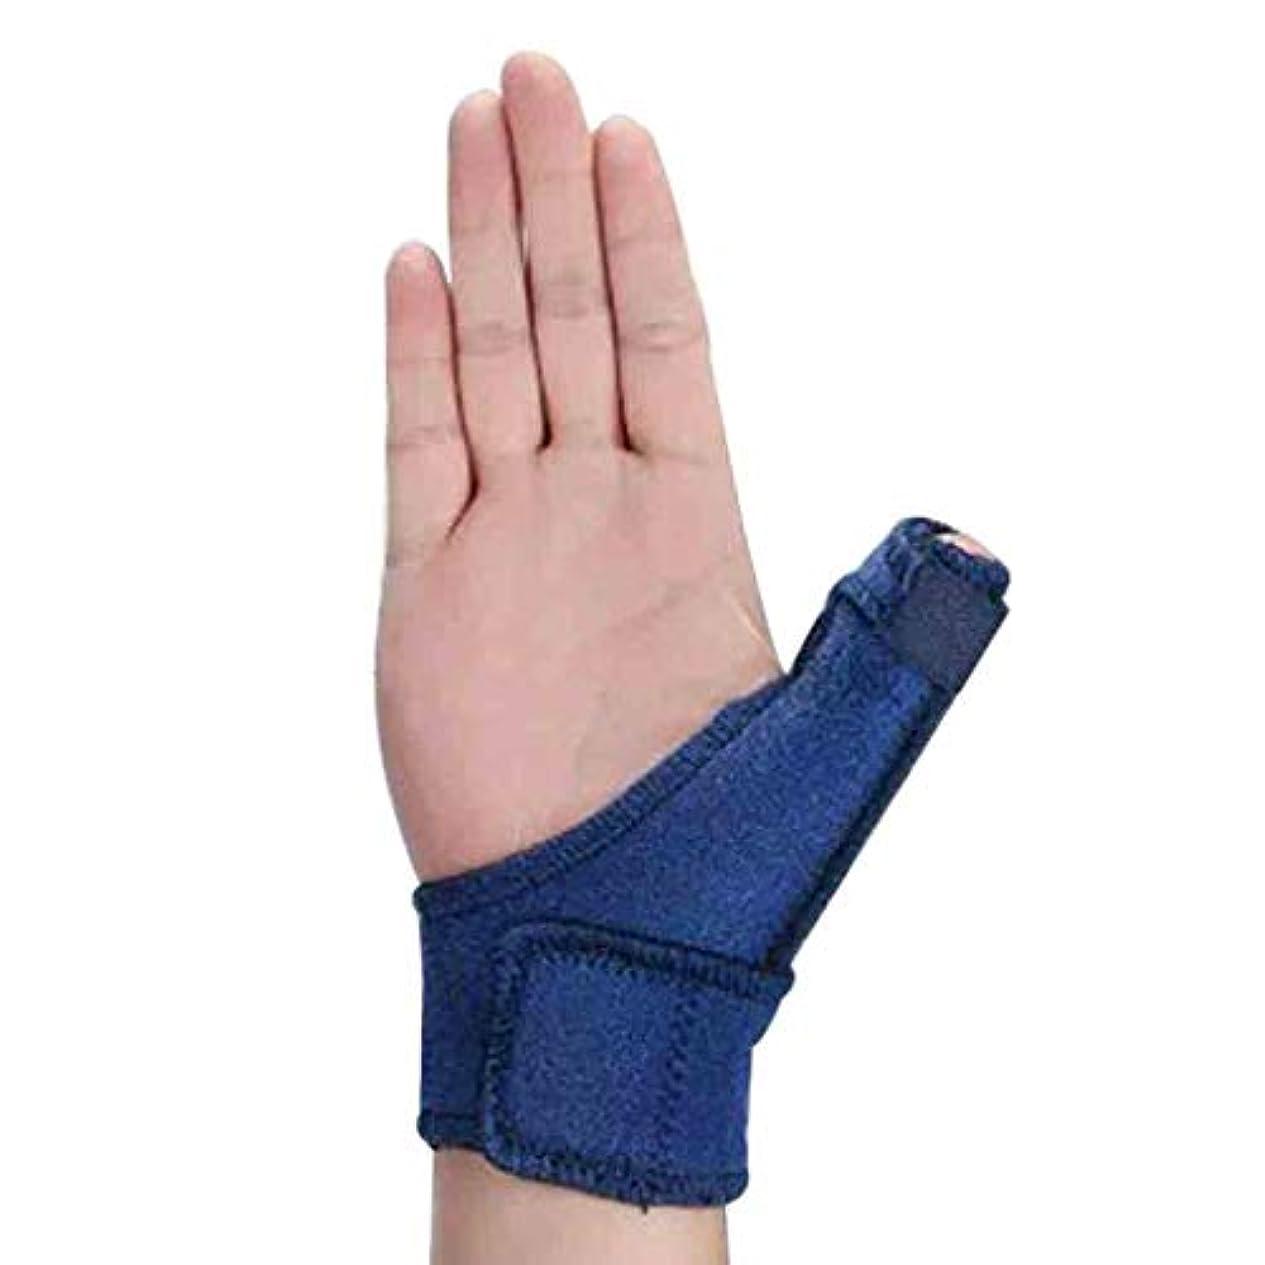 スキッパーデュアル終了するトリガーのための調節可能な親指スプリント親指リストストラップブレース親指スプリント親指関節炎痛み緩和ブレース(1個、ユニセックス、左&右の手青) Roscloud@